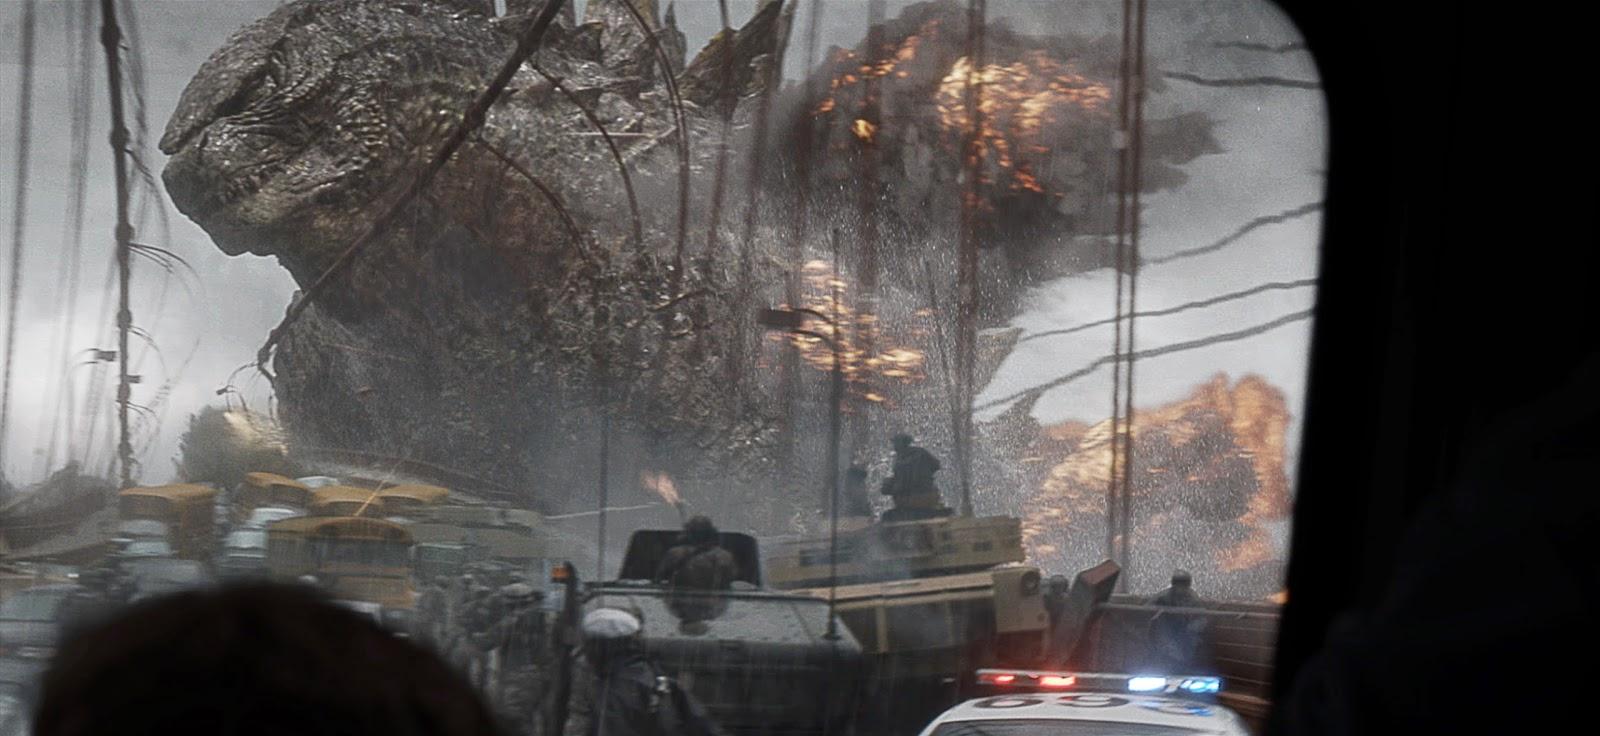 Godzilla | O Rei dos Monstros ataca navios militares e destrói ponte em clipe inédito